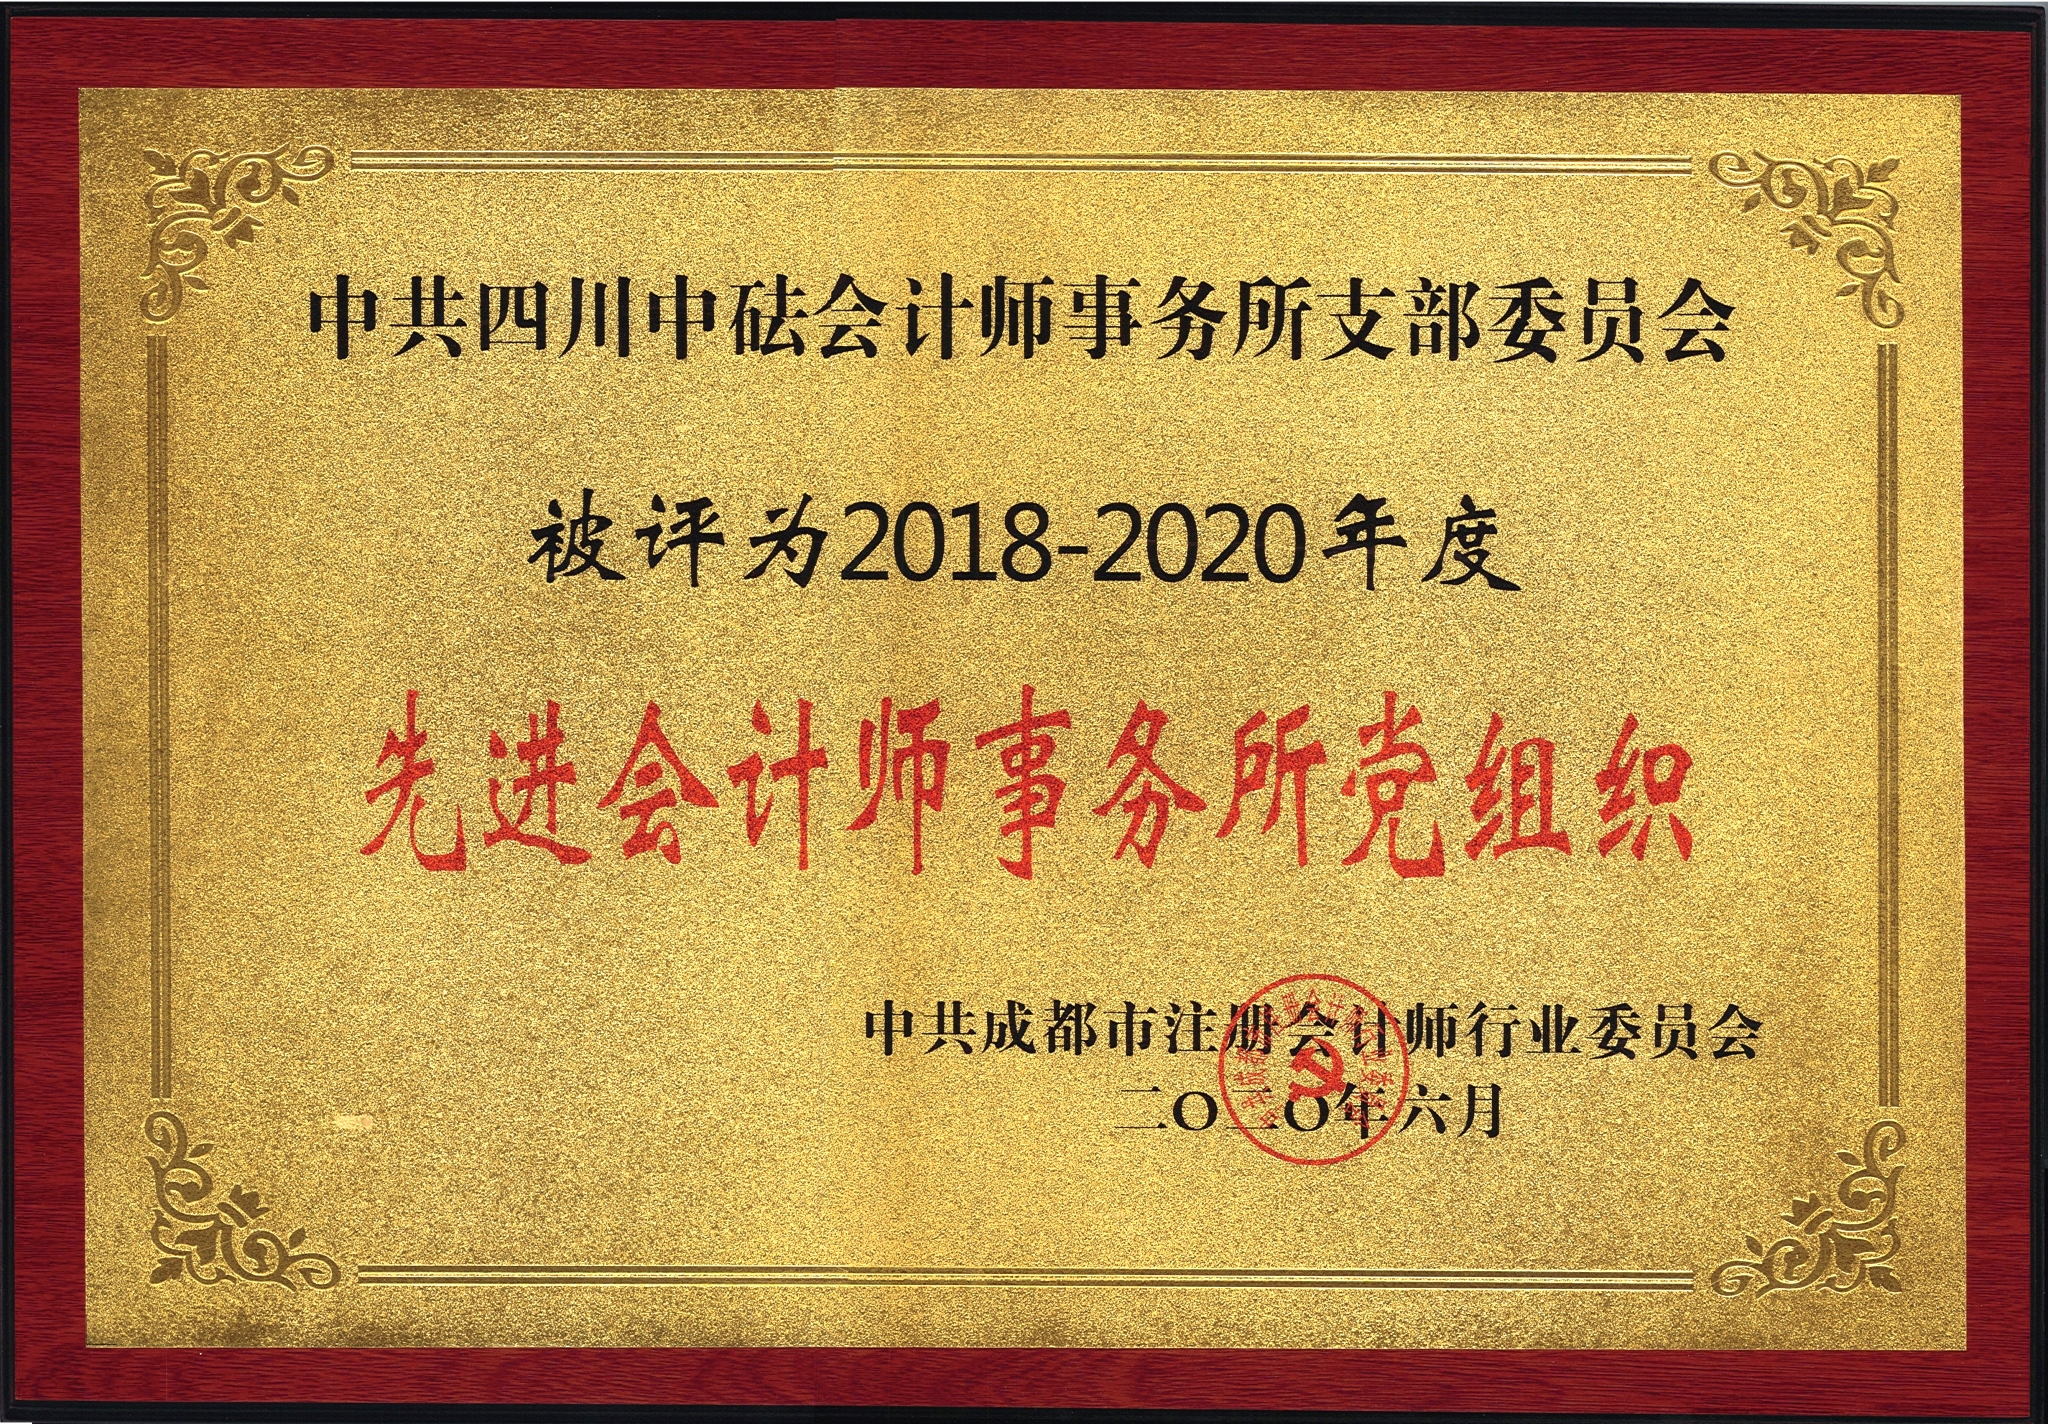 2018-2020年度先进会计师事务所党组织